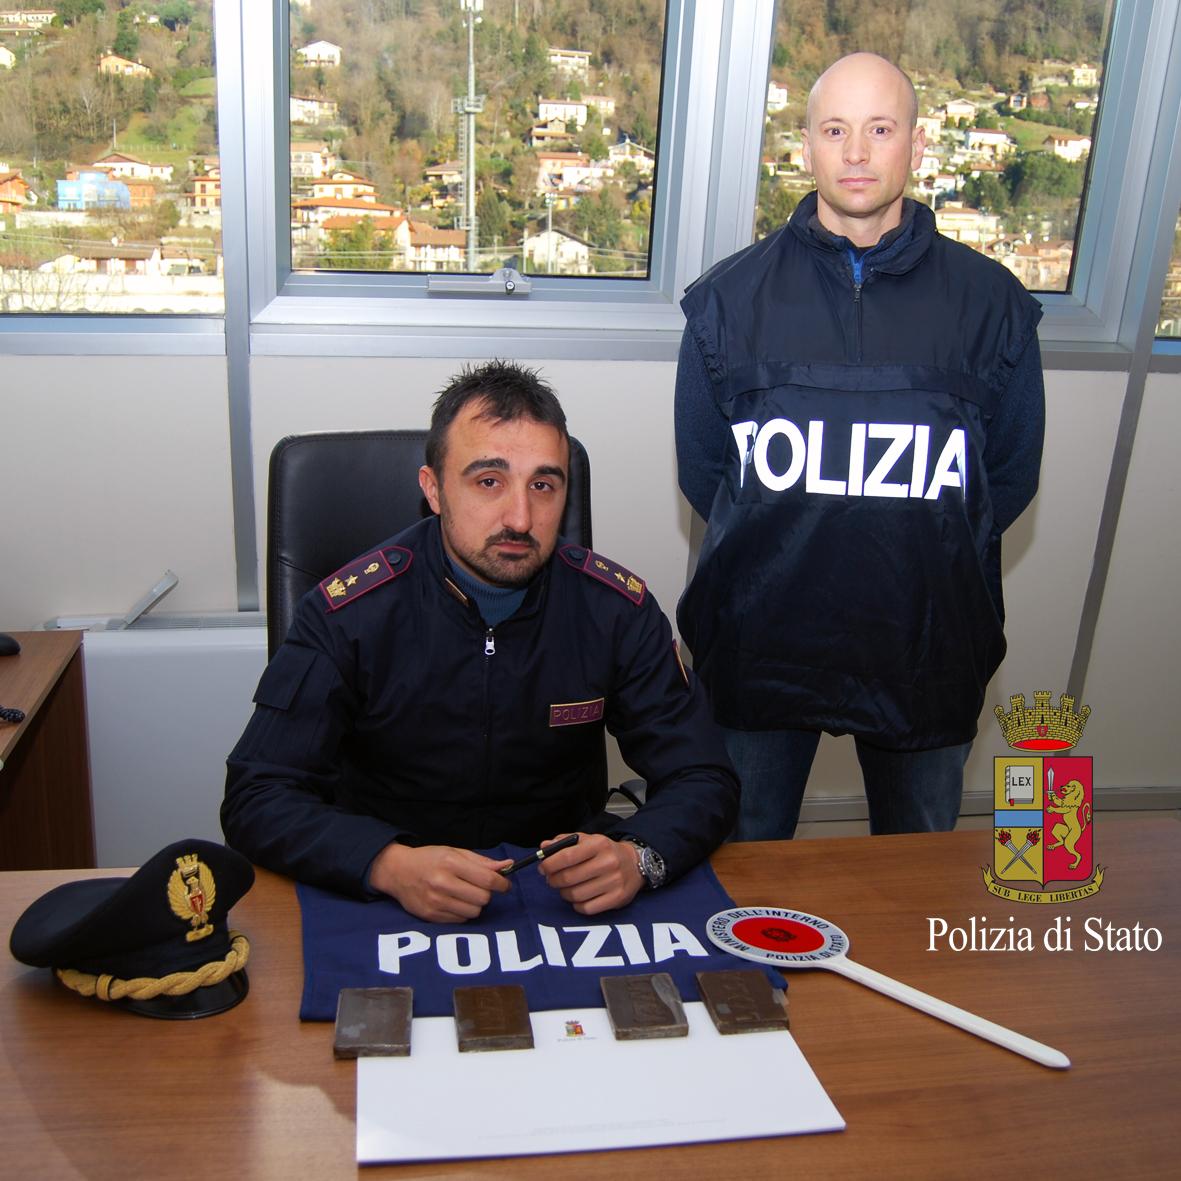 Polizia di stato questure sul web verbano cusio ossola for Stato polizia permesso di soggiorno